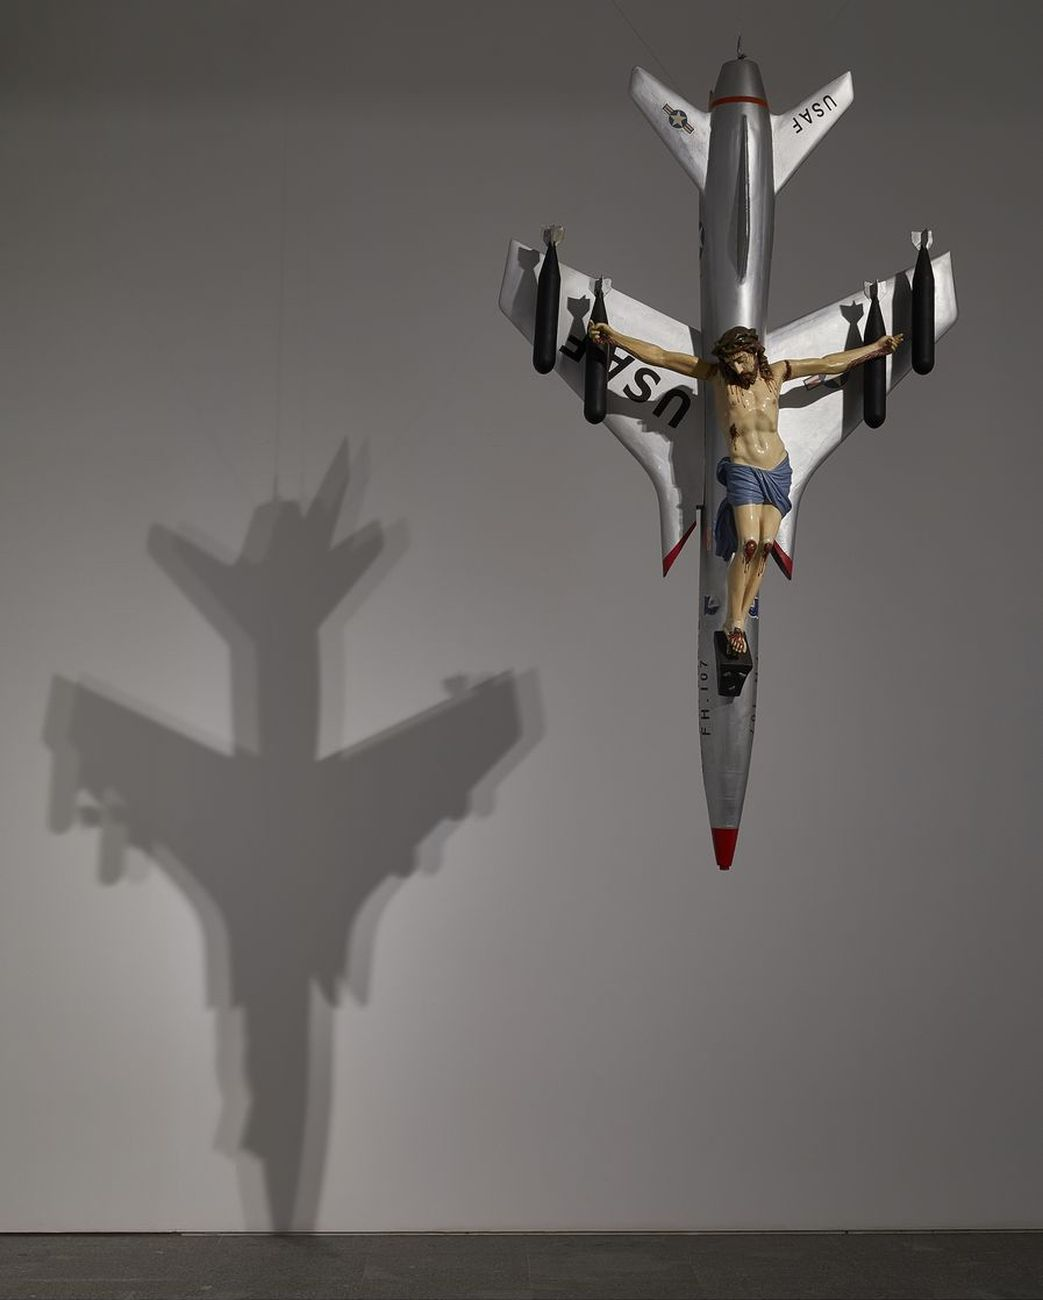 León Ferrari, La civilización occidental y cristiana, 1965. Photo Joaquin Cortés Román Lores. Archivo fotográfico del Museo Reina Sofía